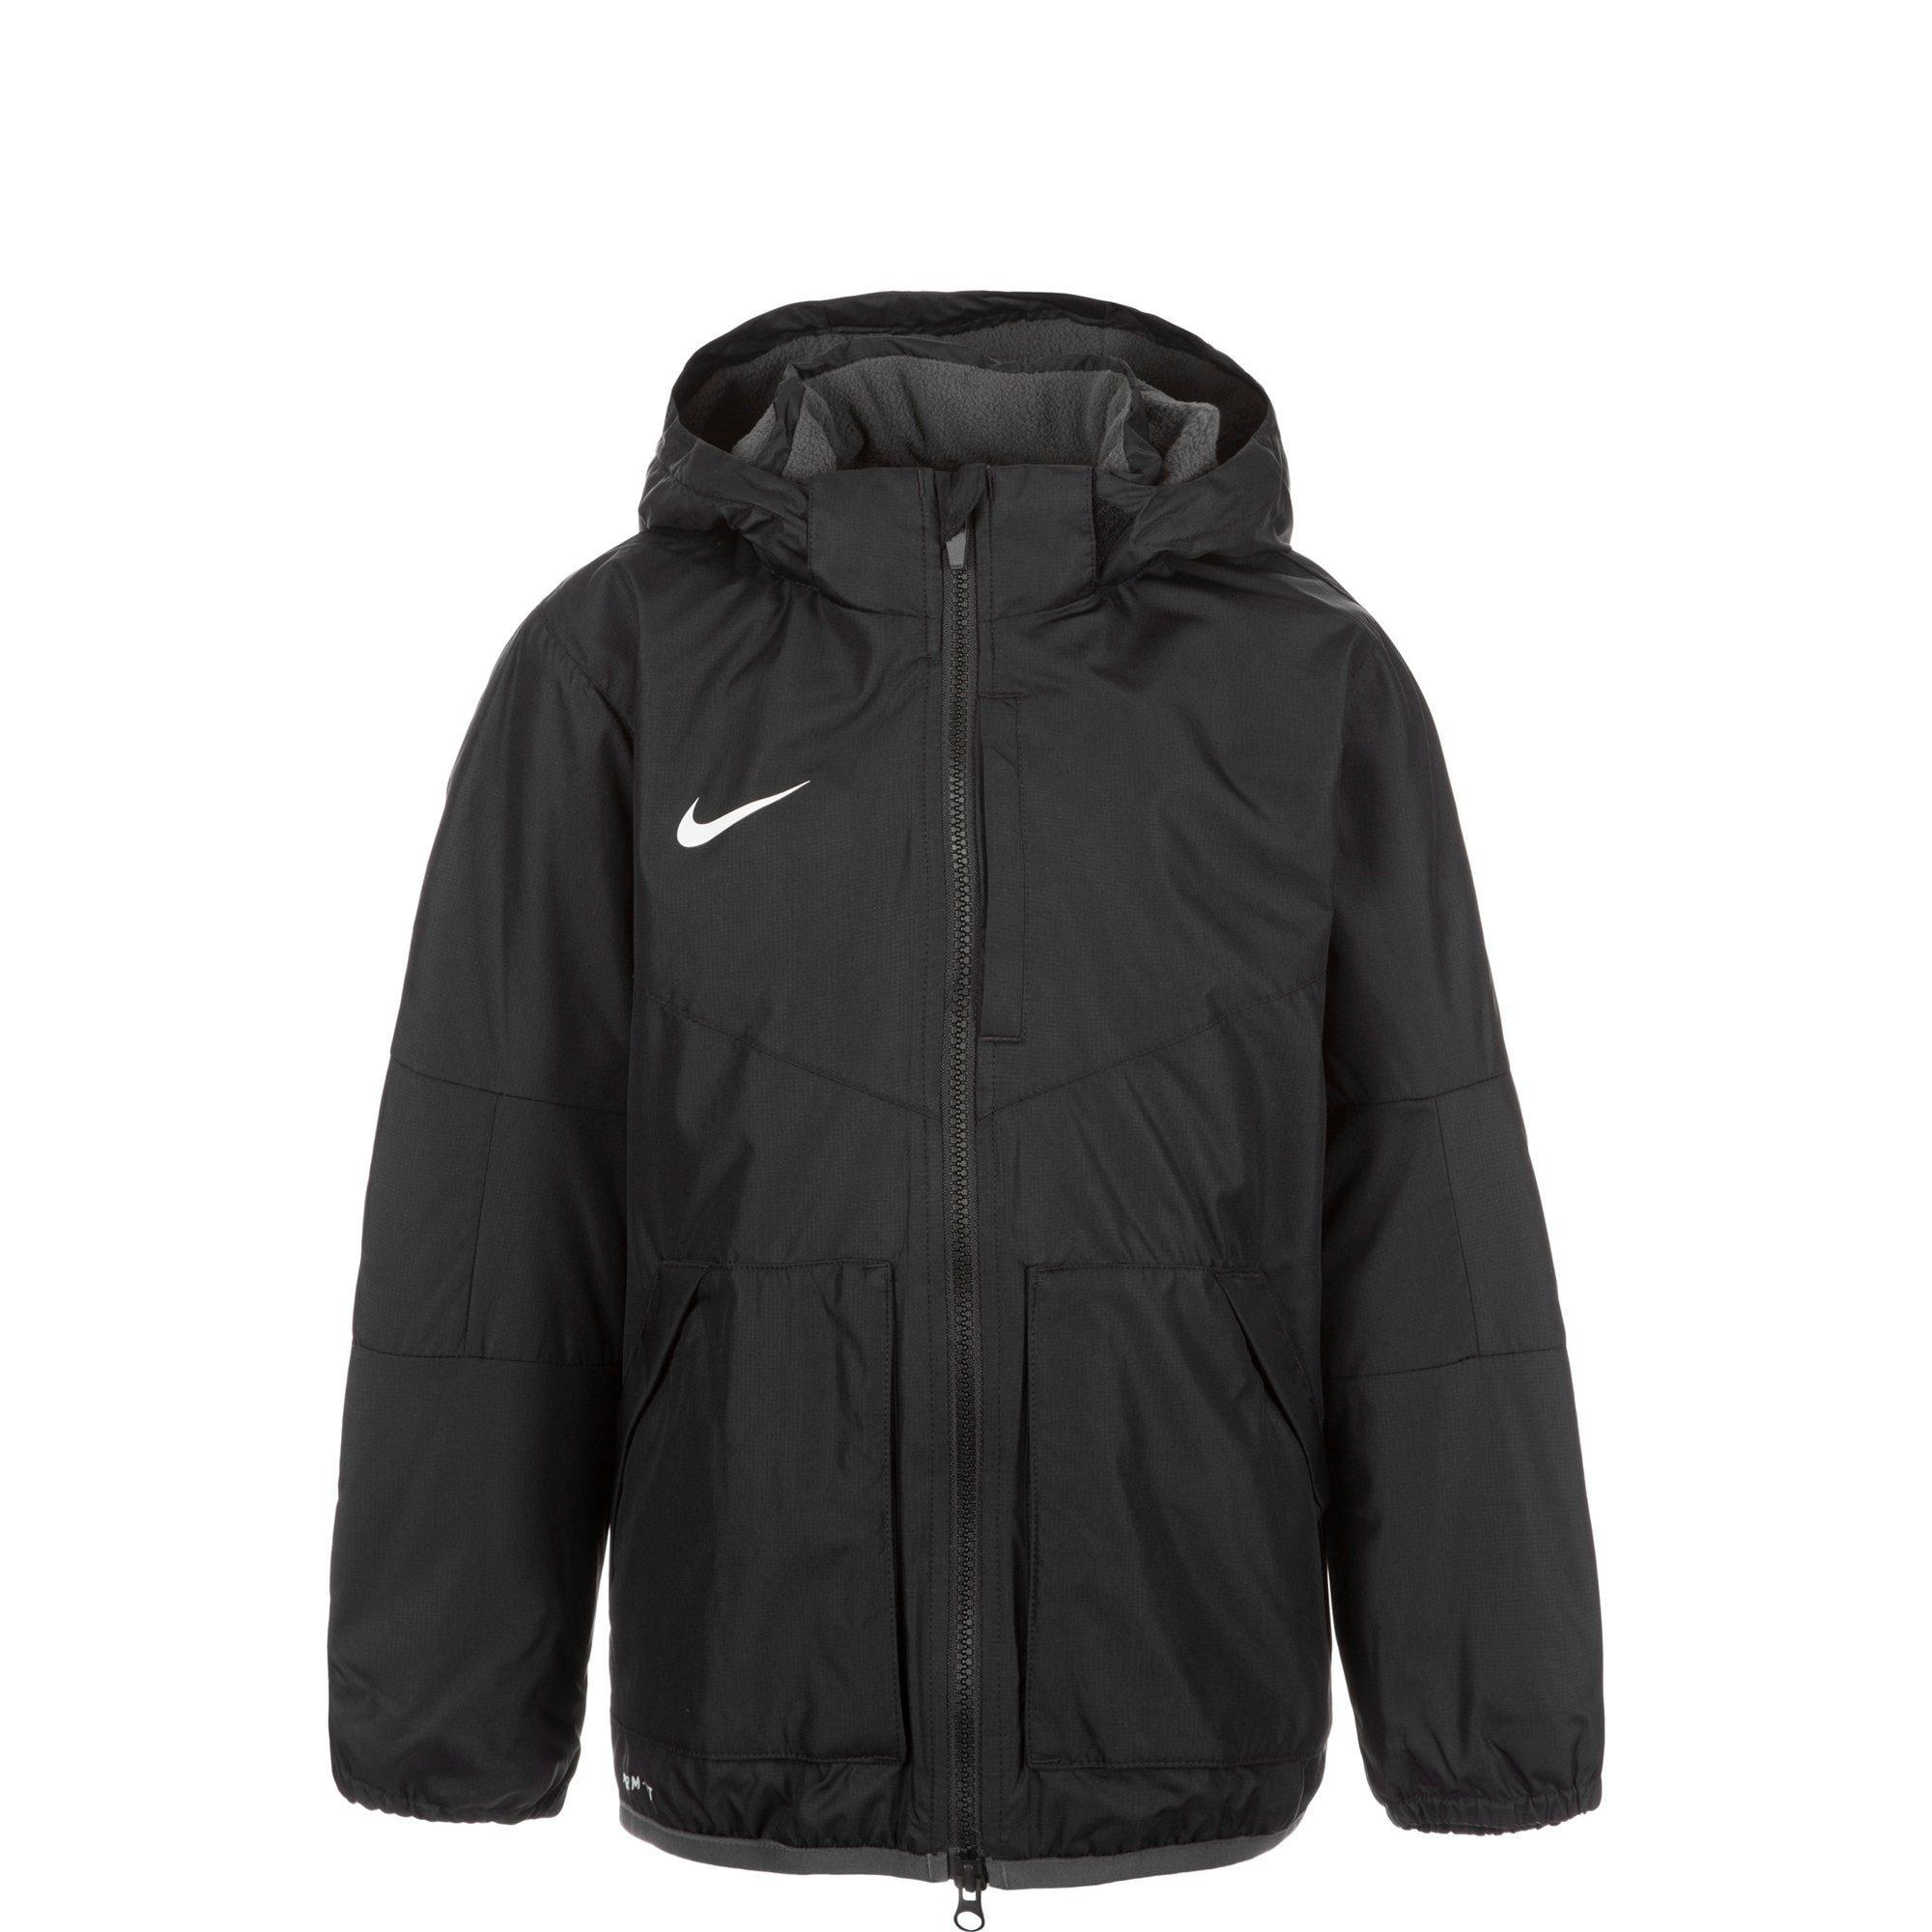 NIKE Outerwear Team Fall Jacket Herren Jacke